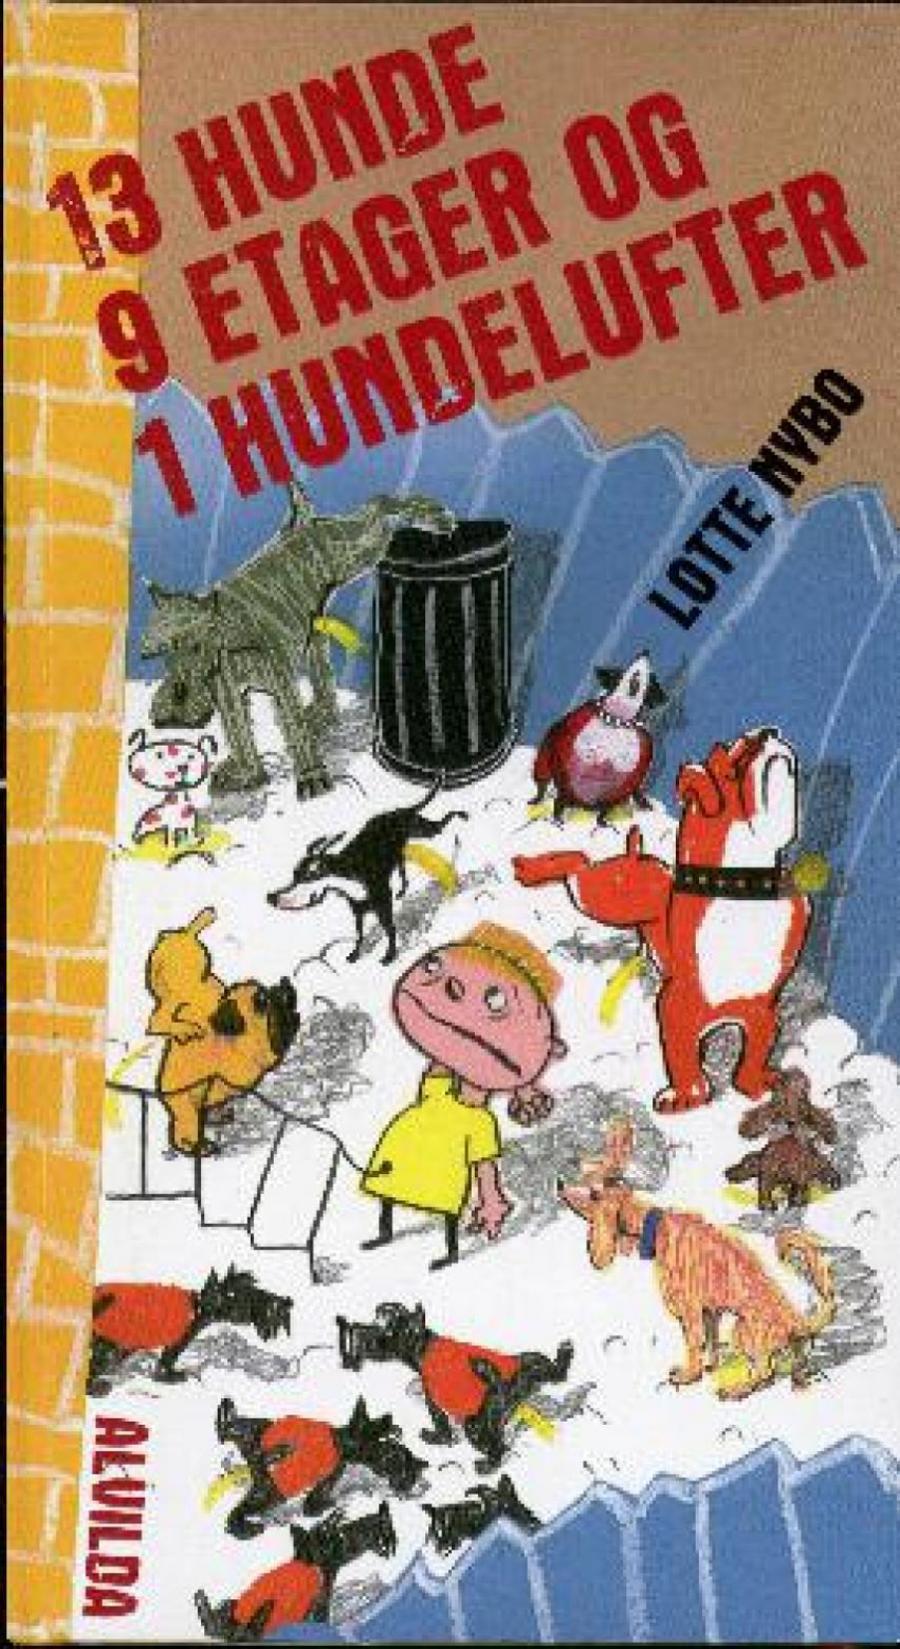 Forside af bogen 13 hunde, 9 etager og 1 hundelufter